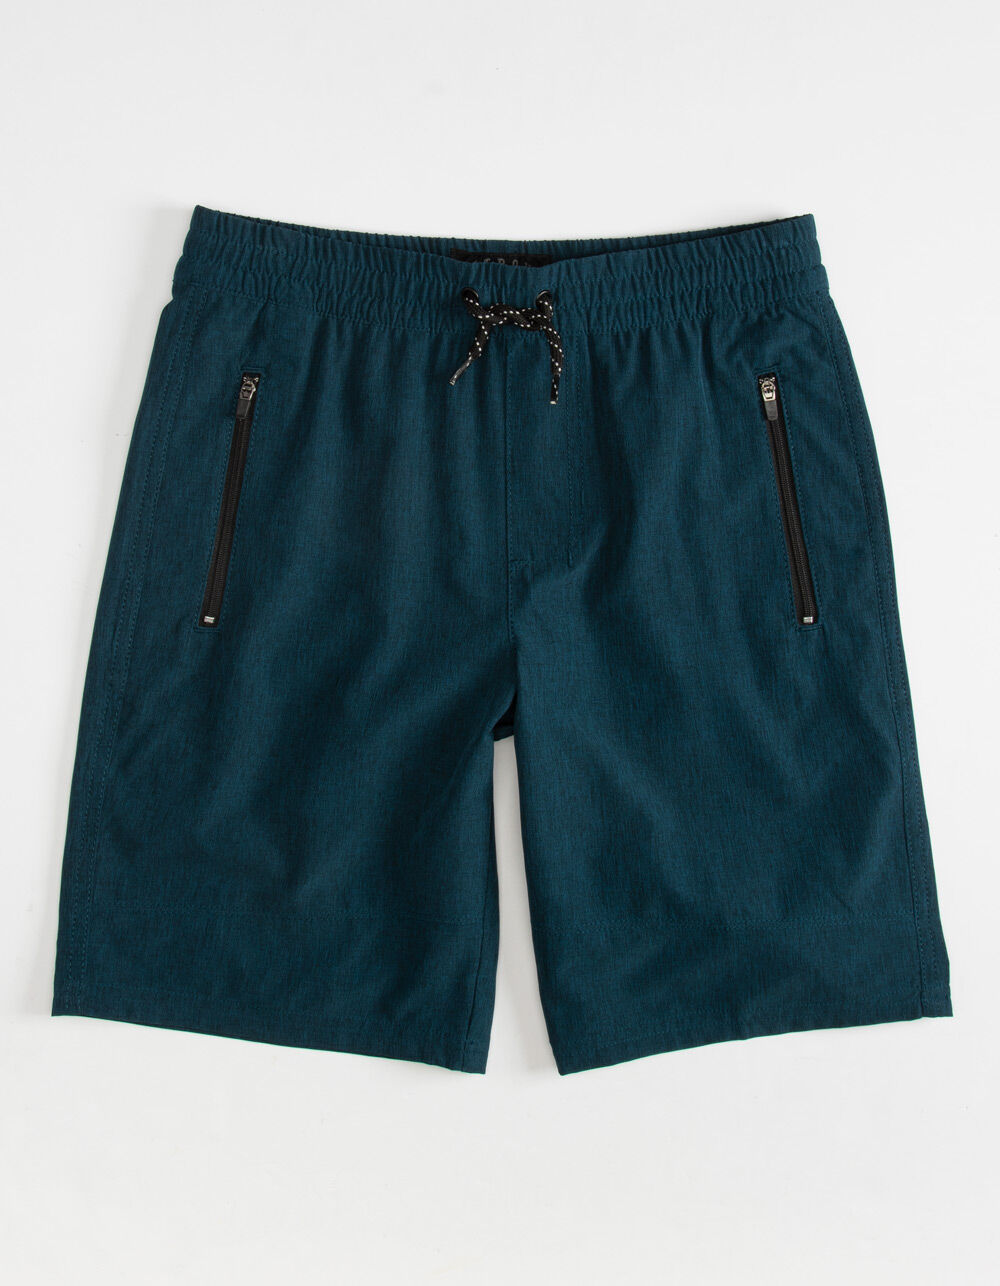 NITROUS BLACK Pull On Boys Navy Hybrid Shorts